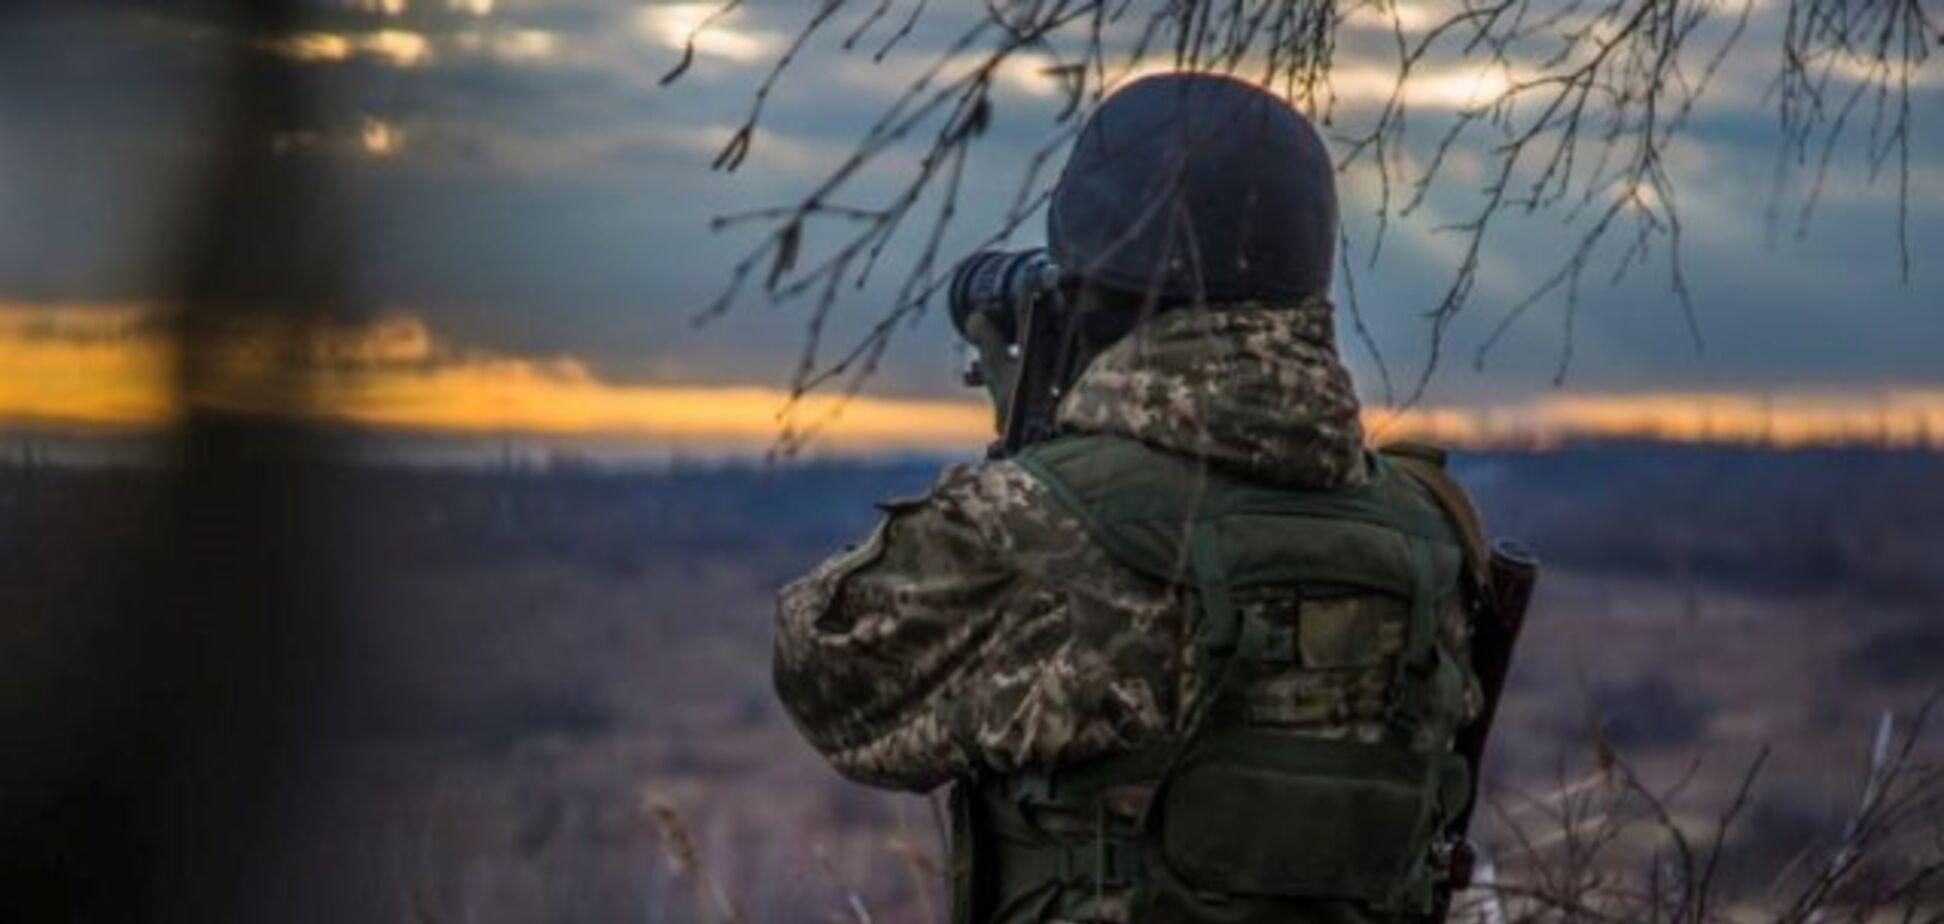 Ворог зачаївся на Донбасі: найманці Путіна різко змінили тактику